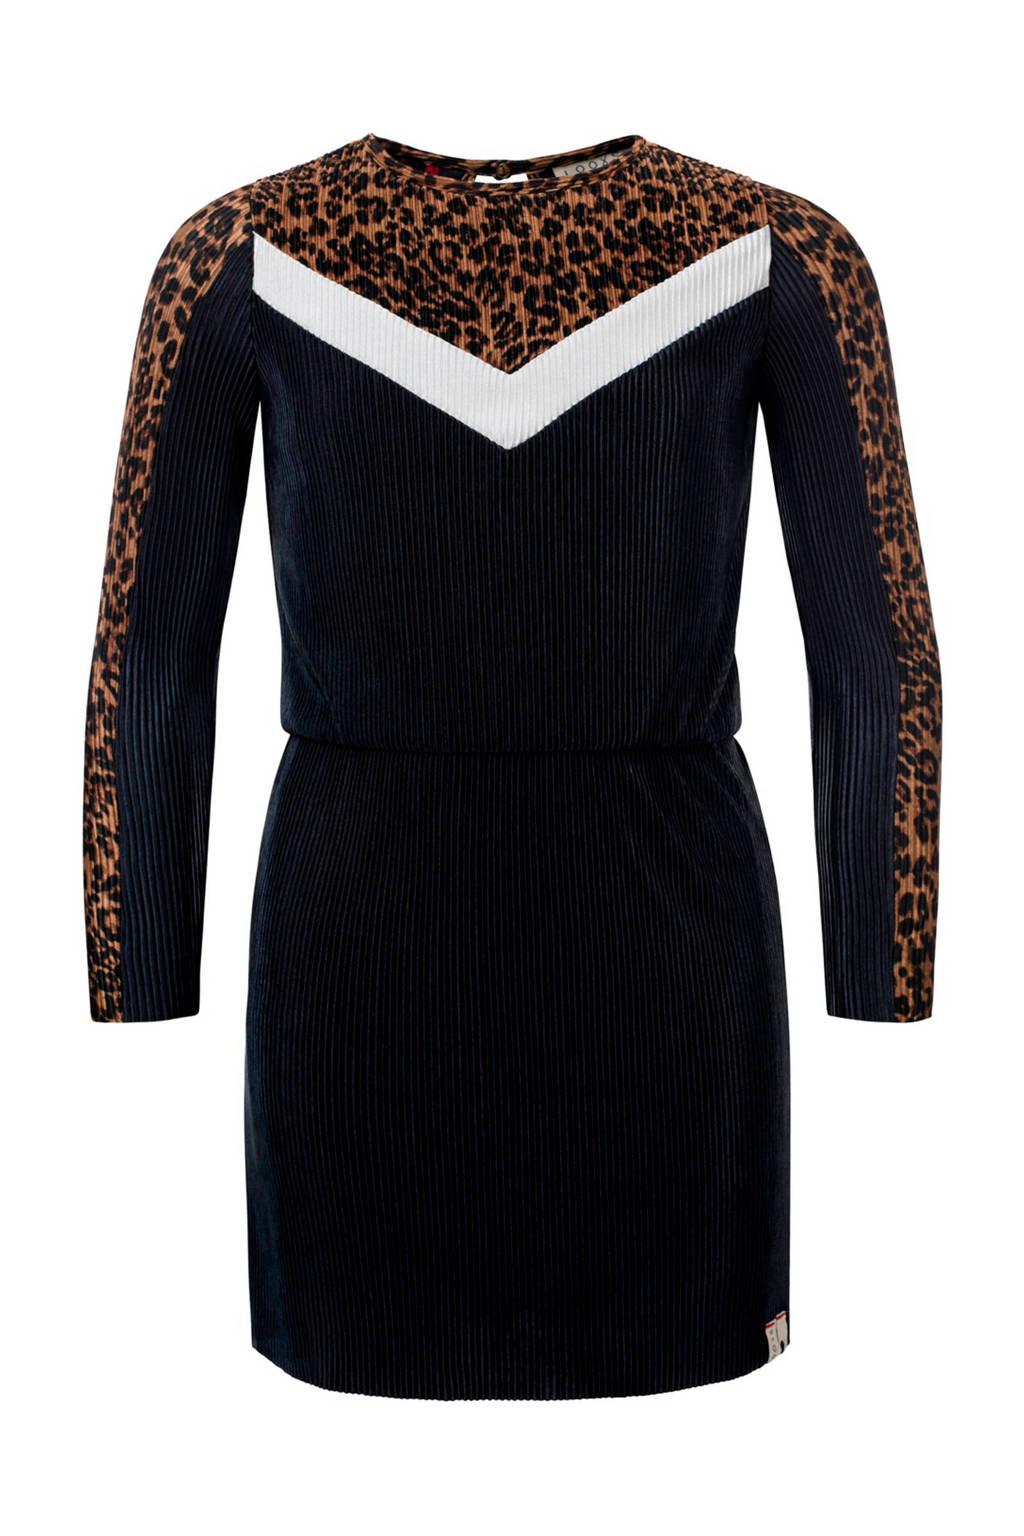 LOOXS plissé jurk met panterprint bruin/zwart/wit, Zwart/bruin/wit